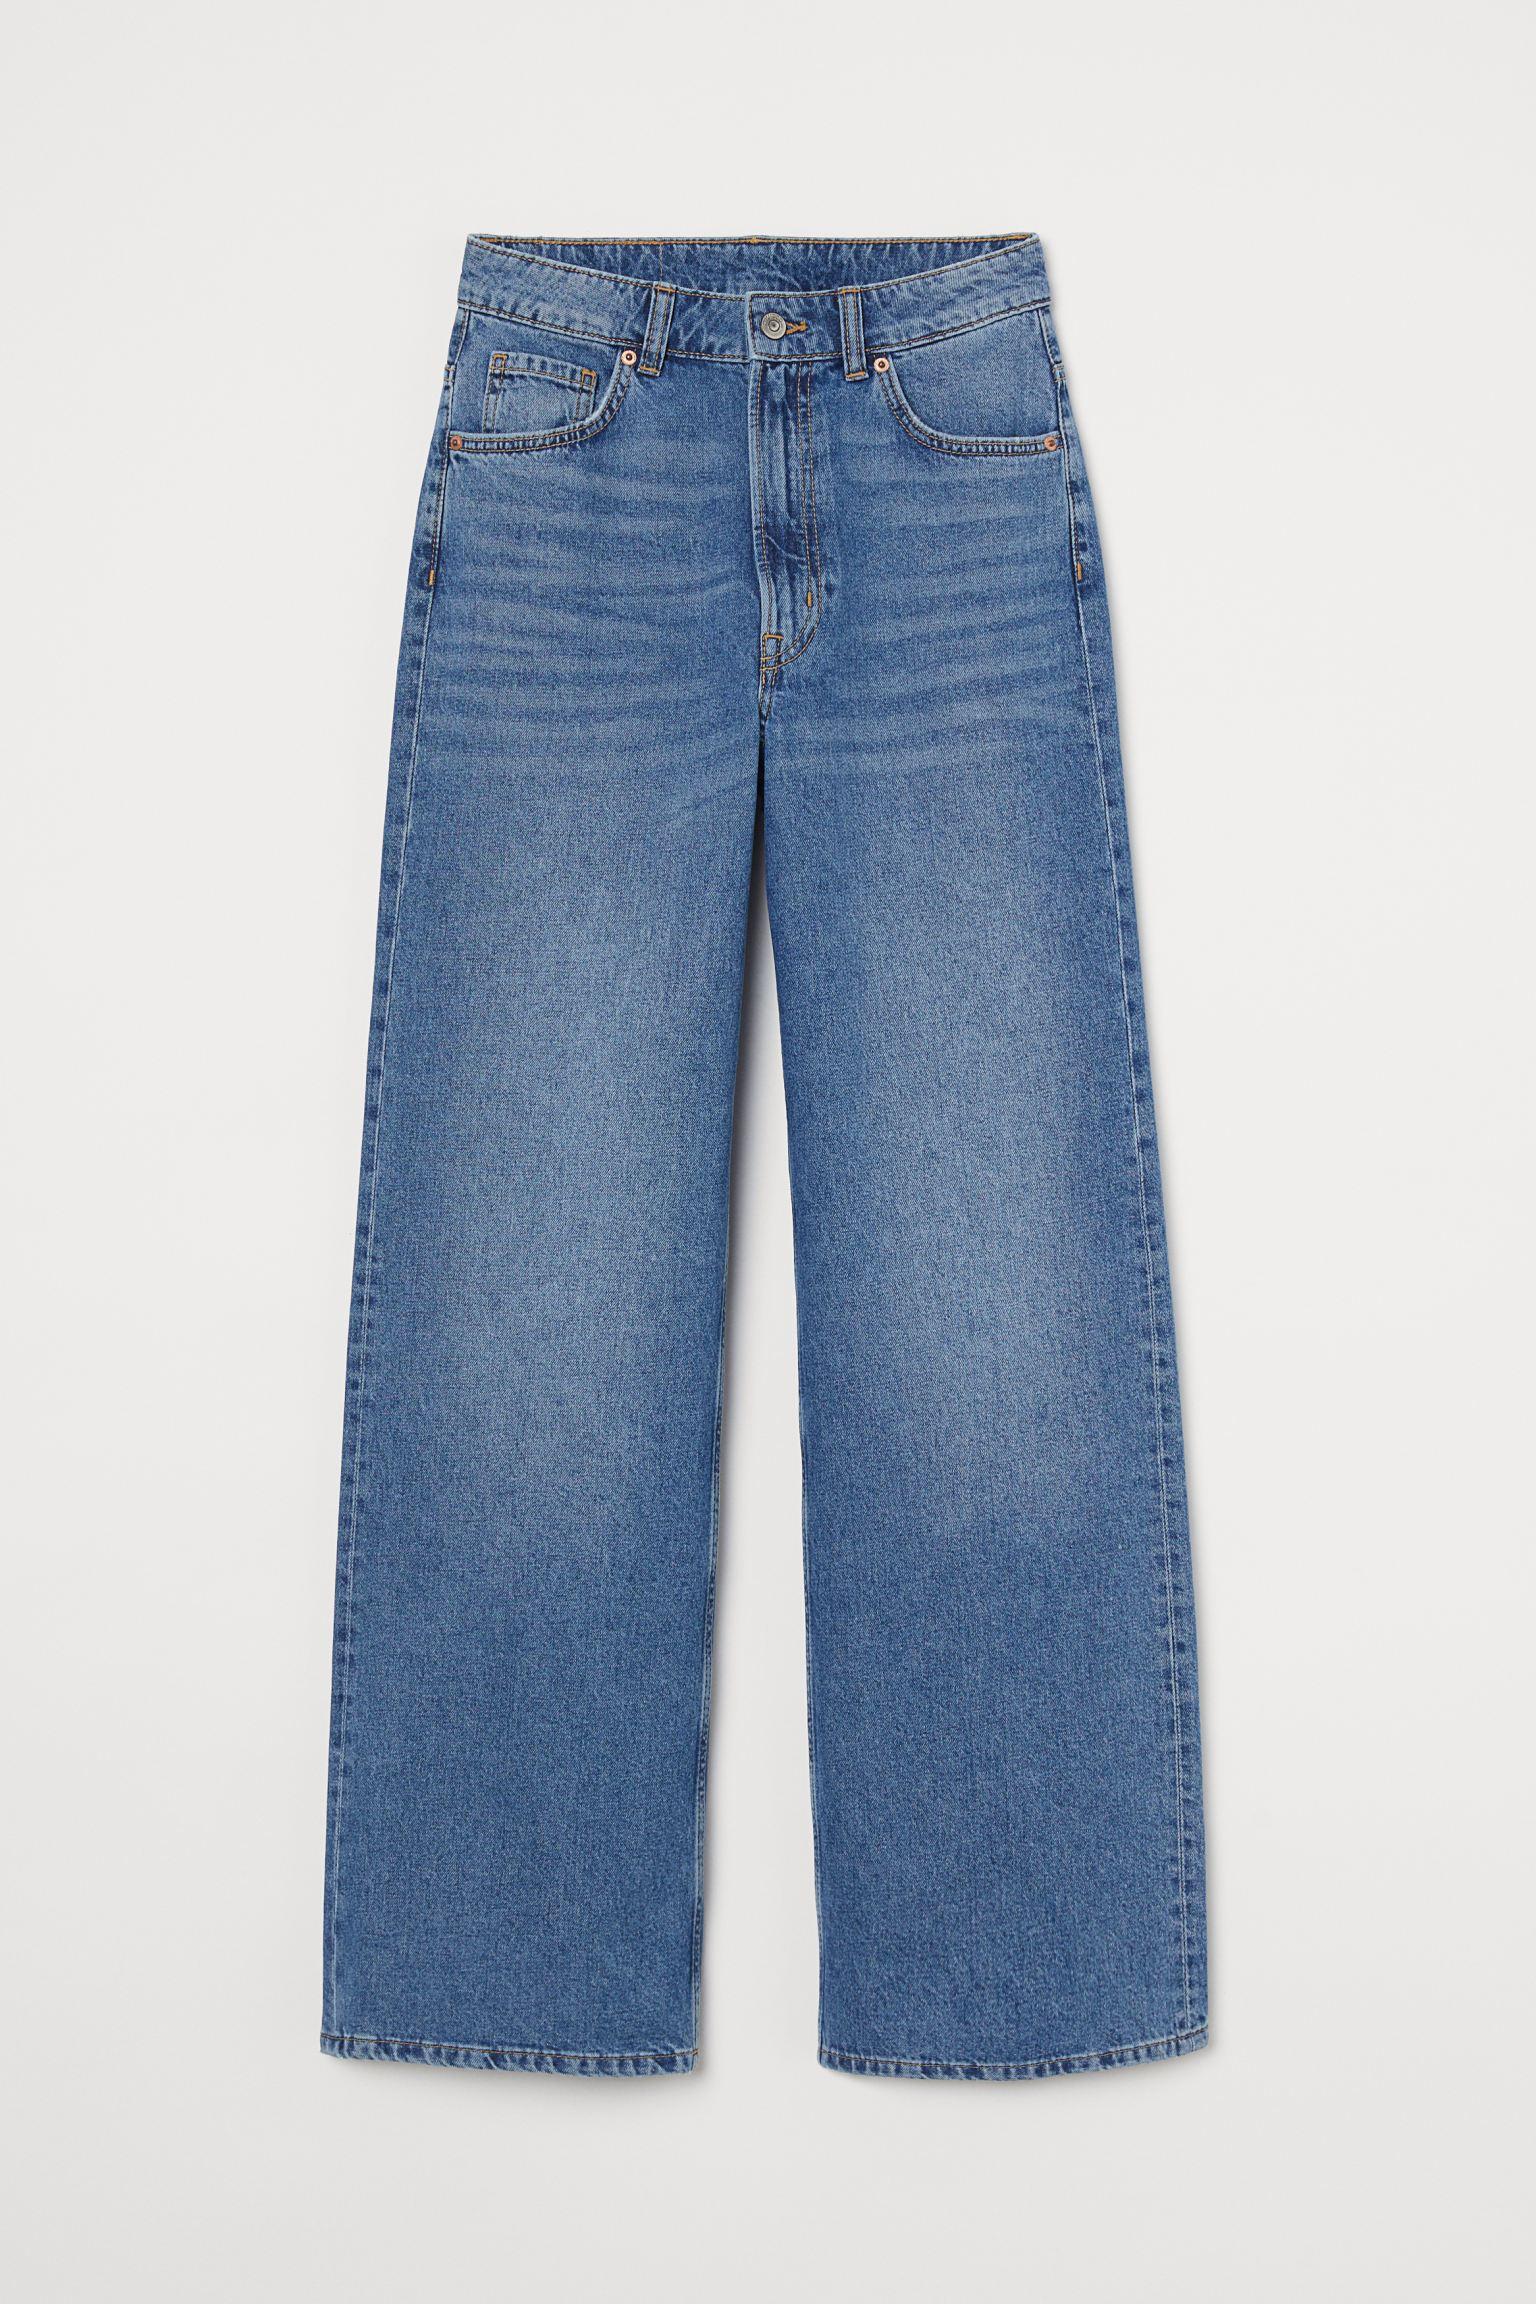 Vaquero de cinco bolsillos en denim lavado de algodón. Modelo de talle alto con perneras amplias rectas y cierre de cremallera con botón.